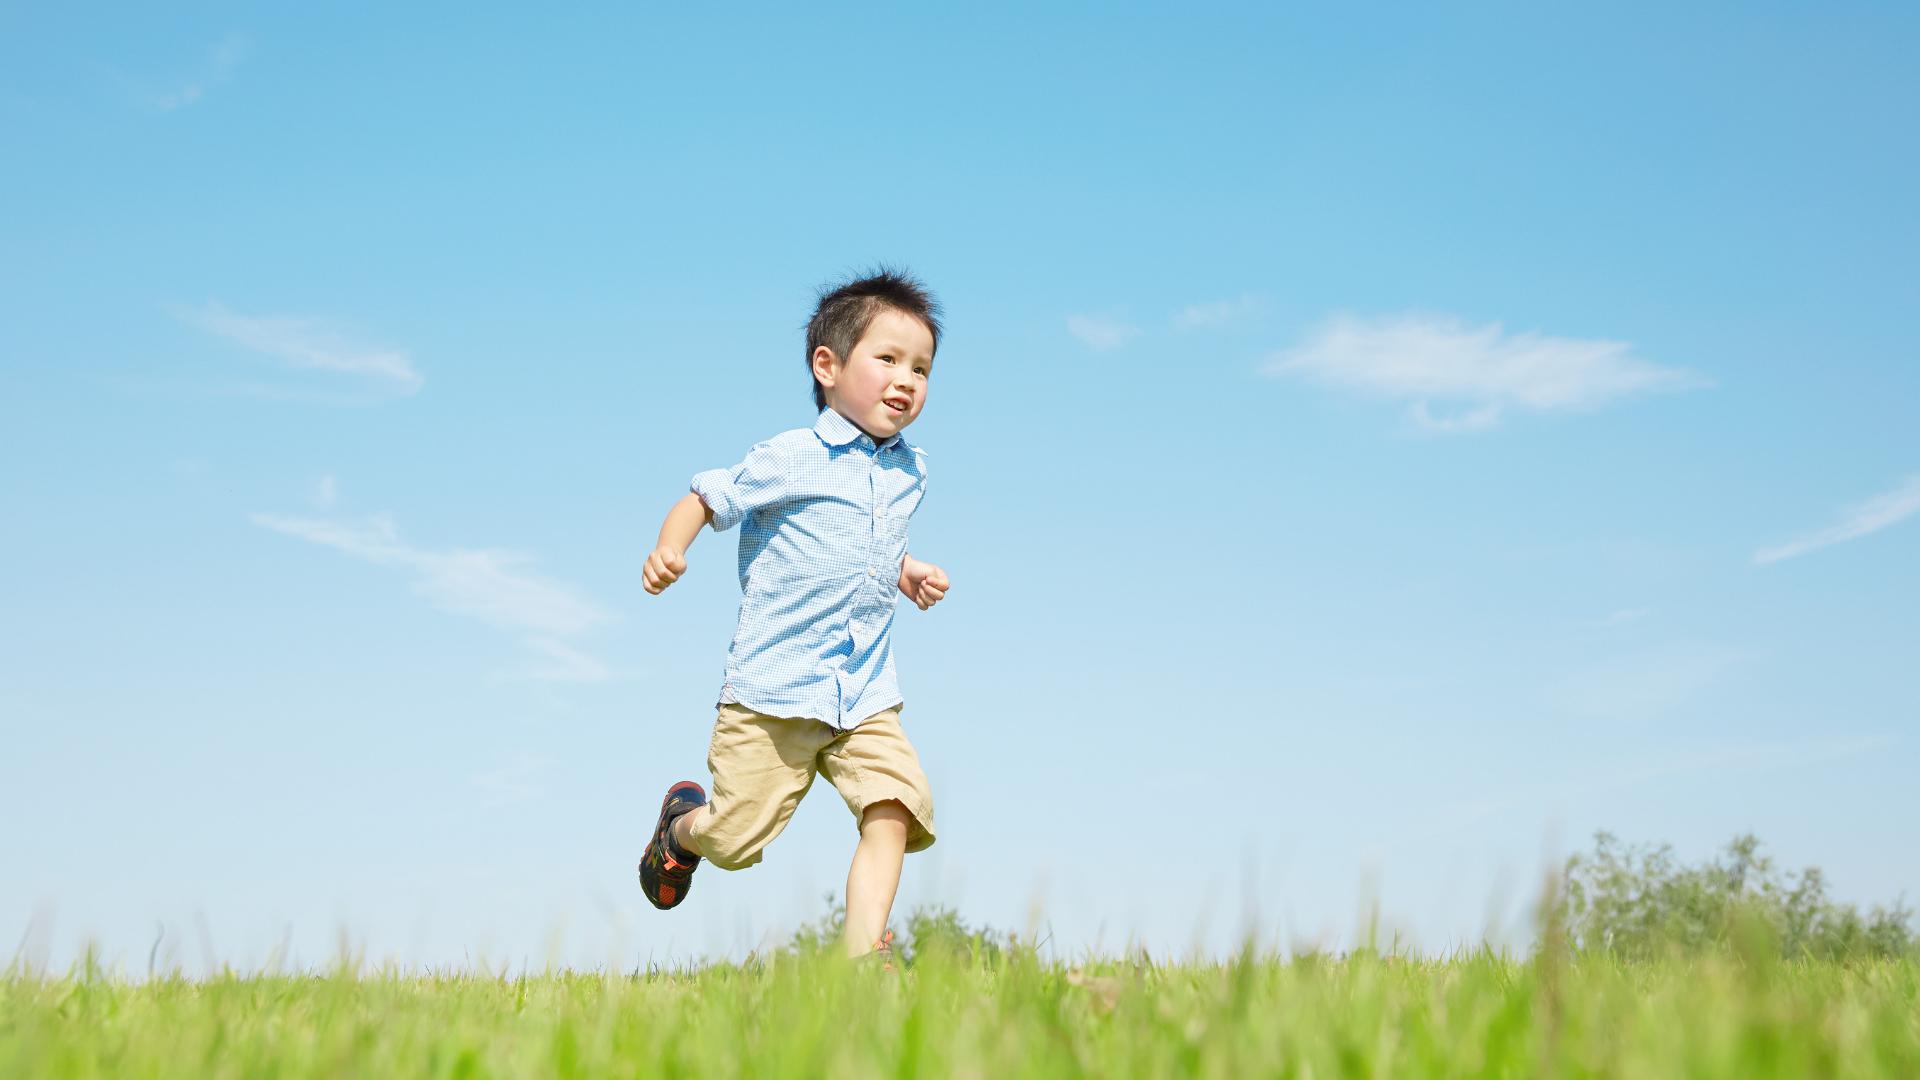 Run Toddler Run